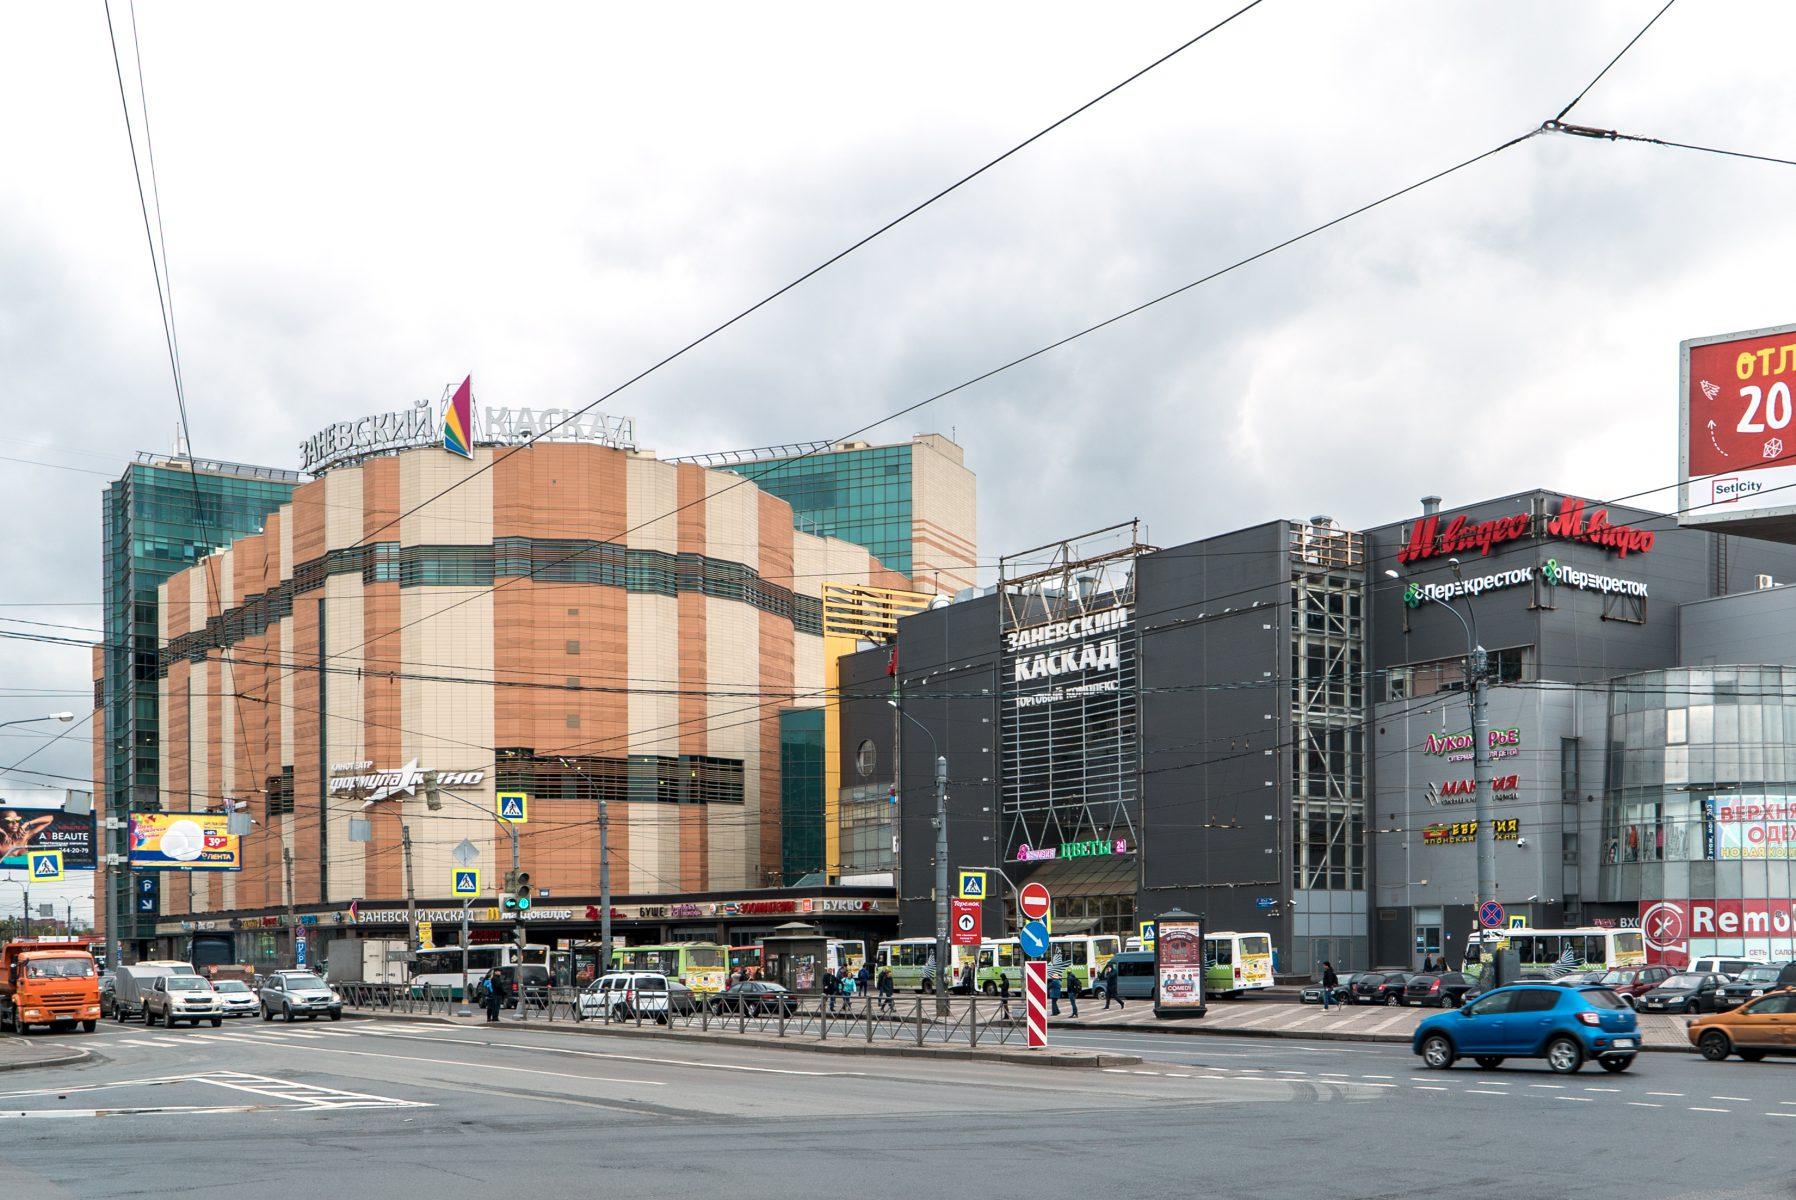 Адамант-строй, Здание «Заневский каскад»3 очередь, 1350